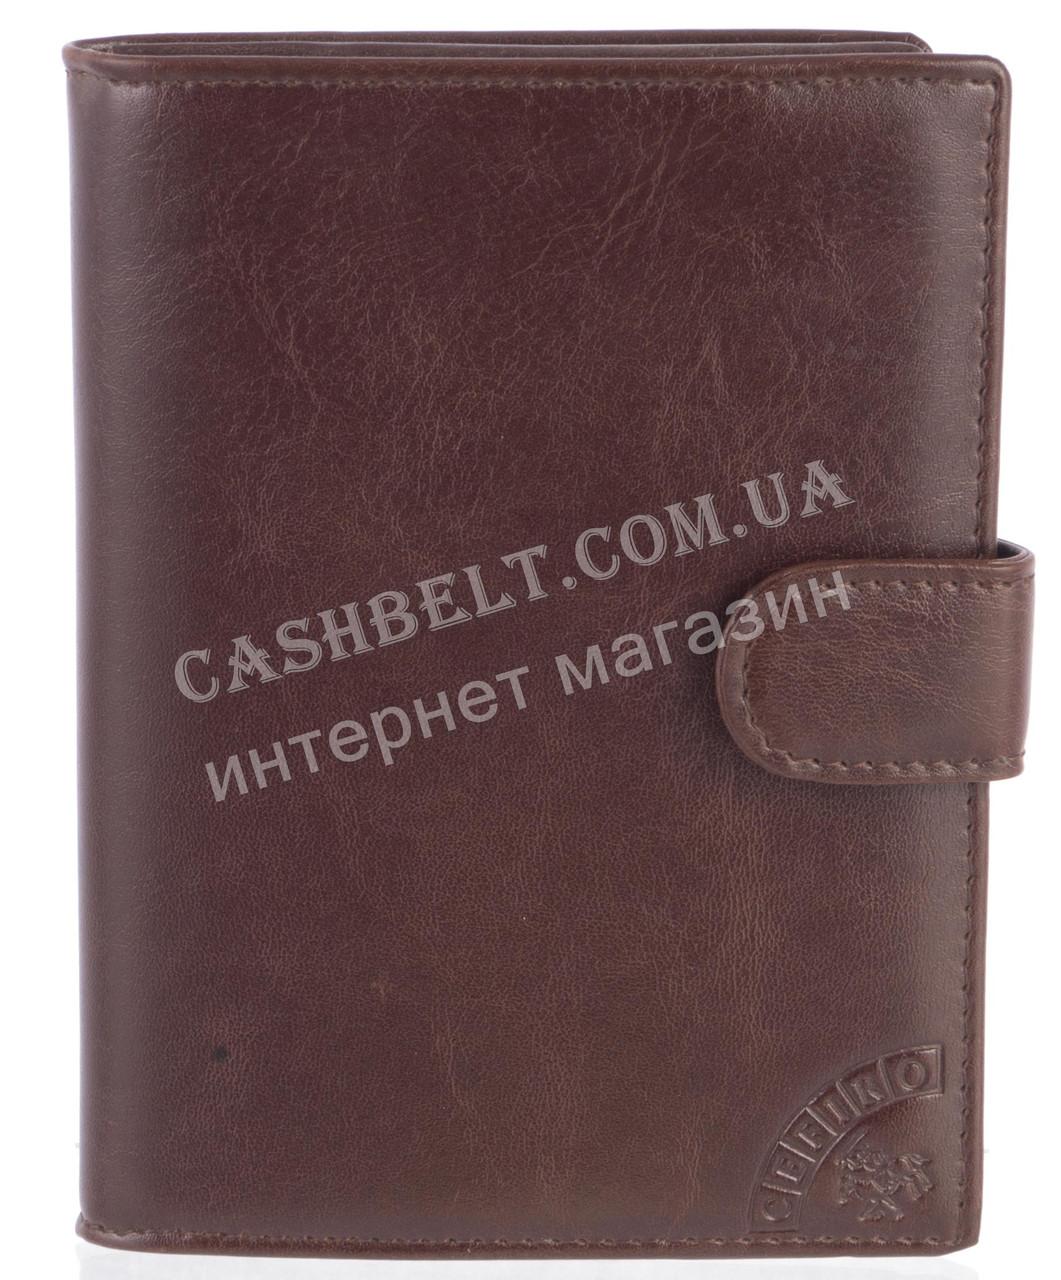 Стильная надежная кожаная обложка-документница высокого качества CEFIRO art.CE557-305G-3 коричневый